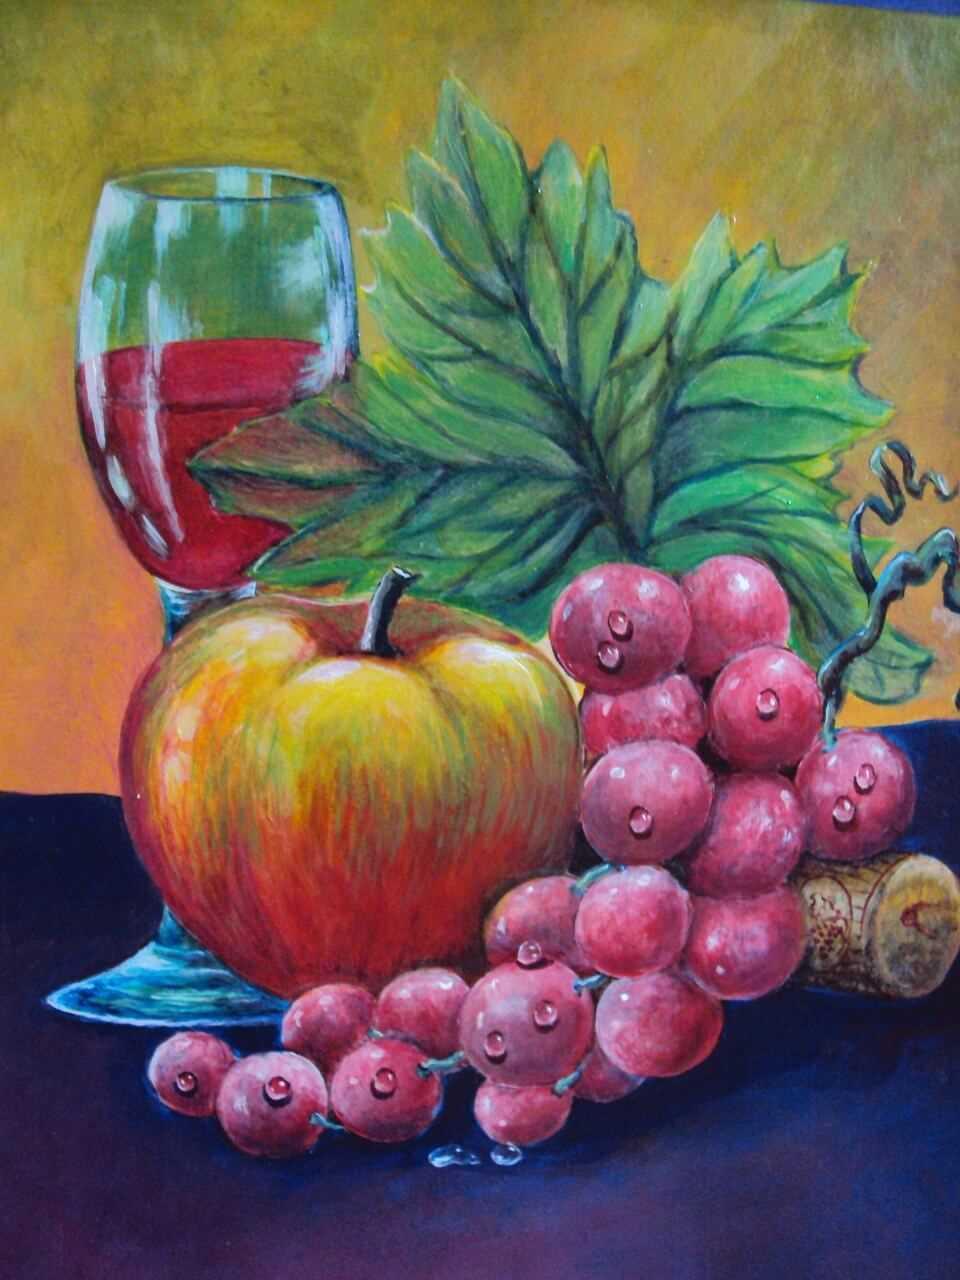 Красивый натюрморт рисунки фруктов 01